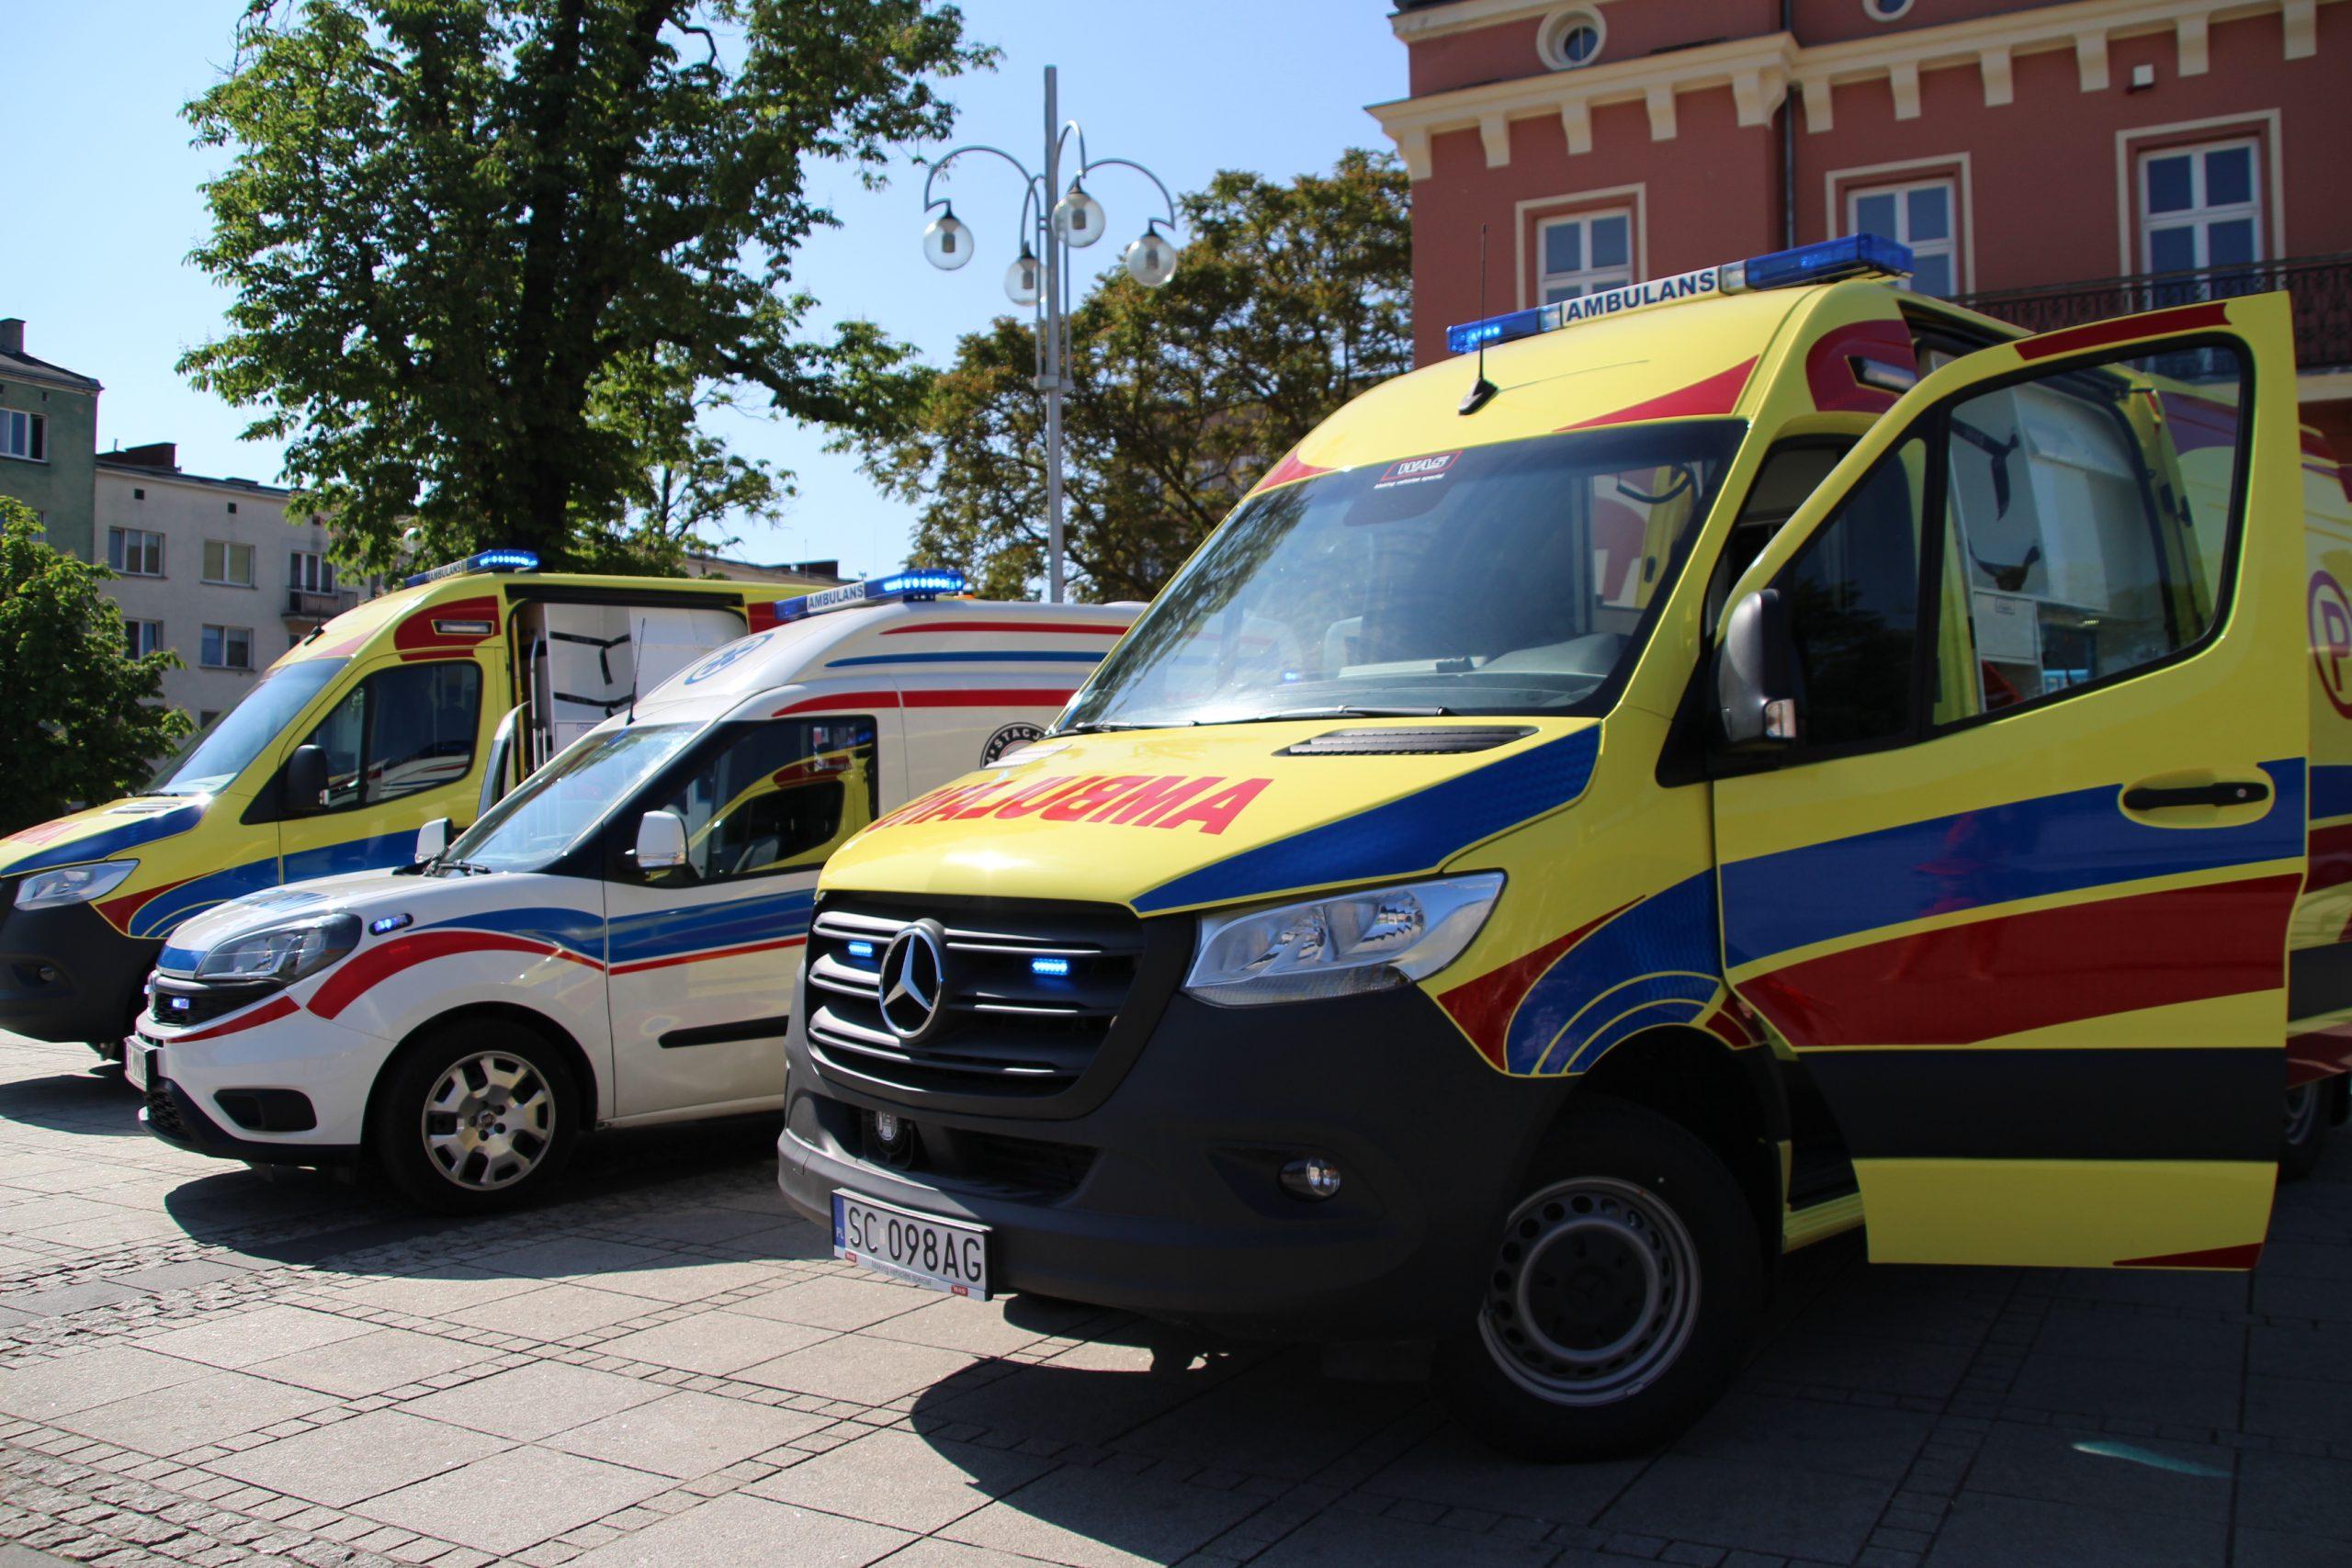 Pogotowie kupiło dwa specjalistyczne ambulanse i karetkę transportową